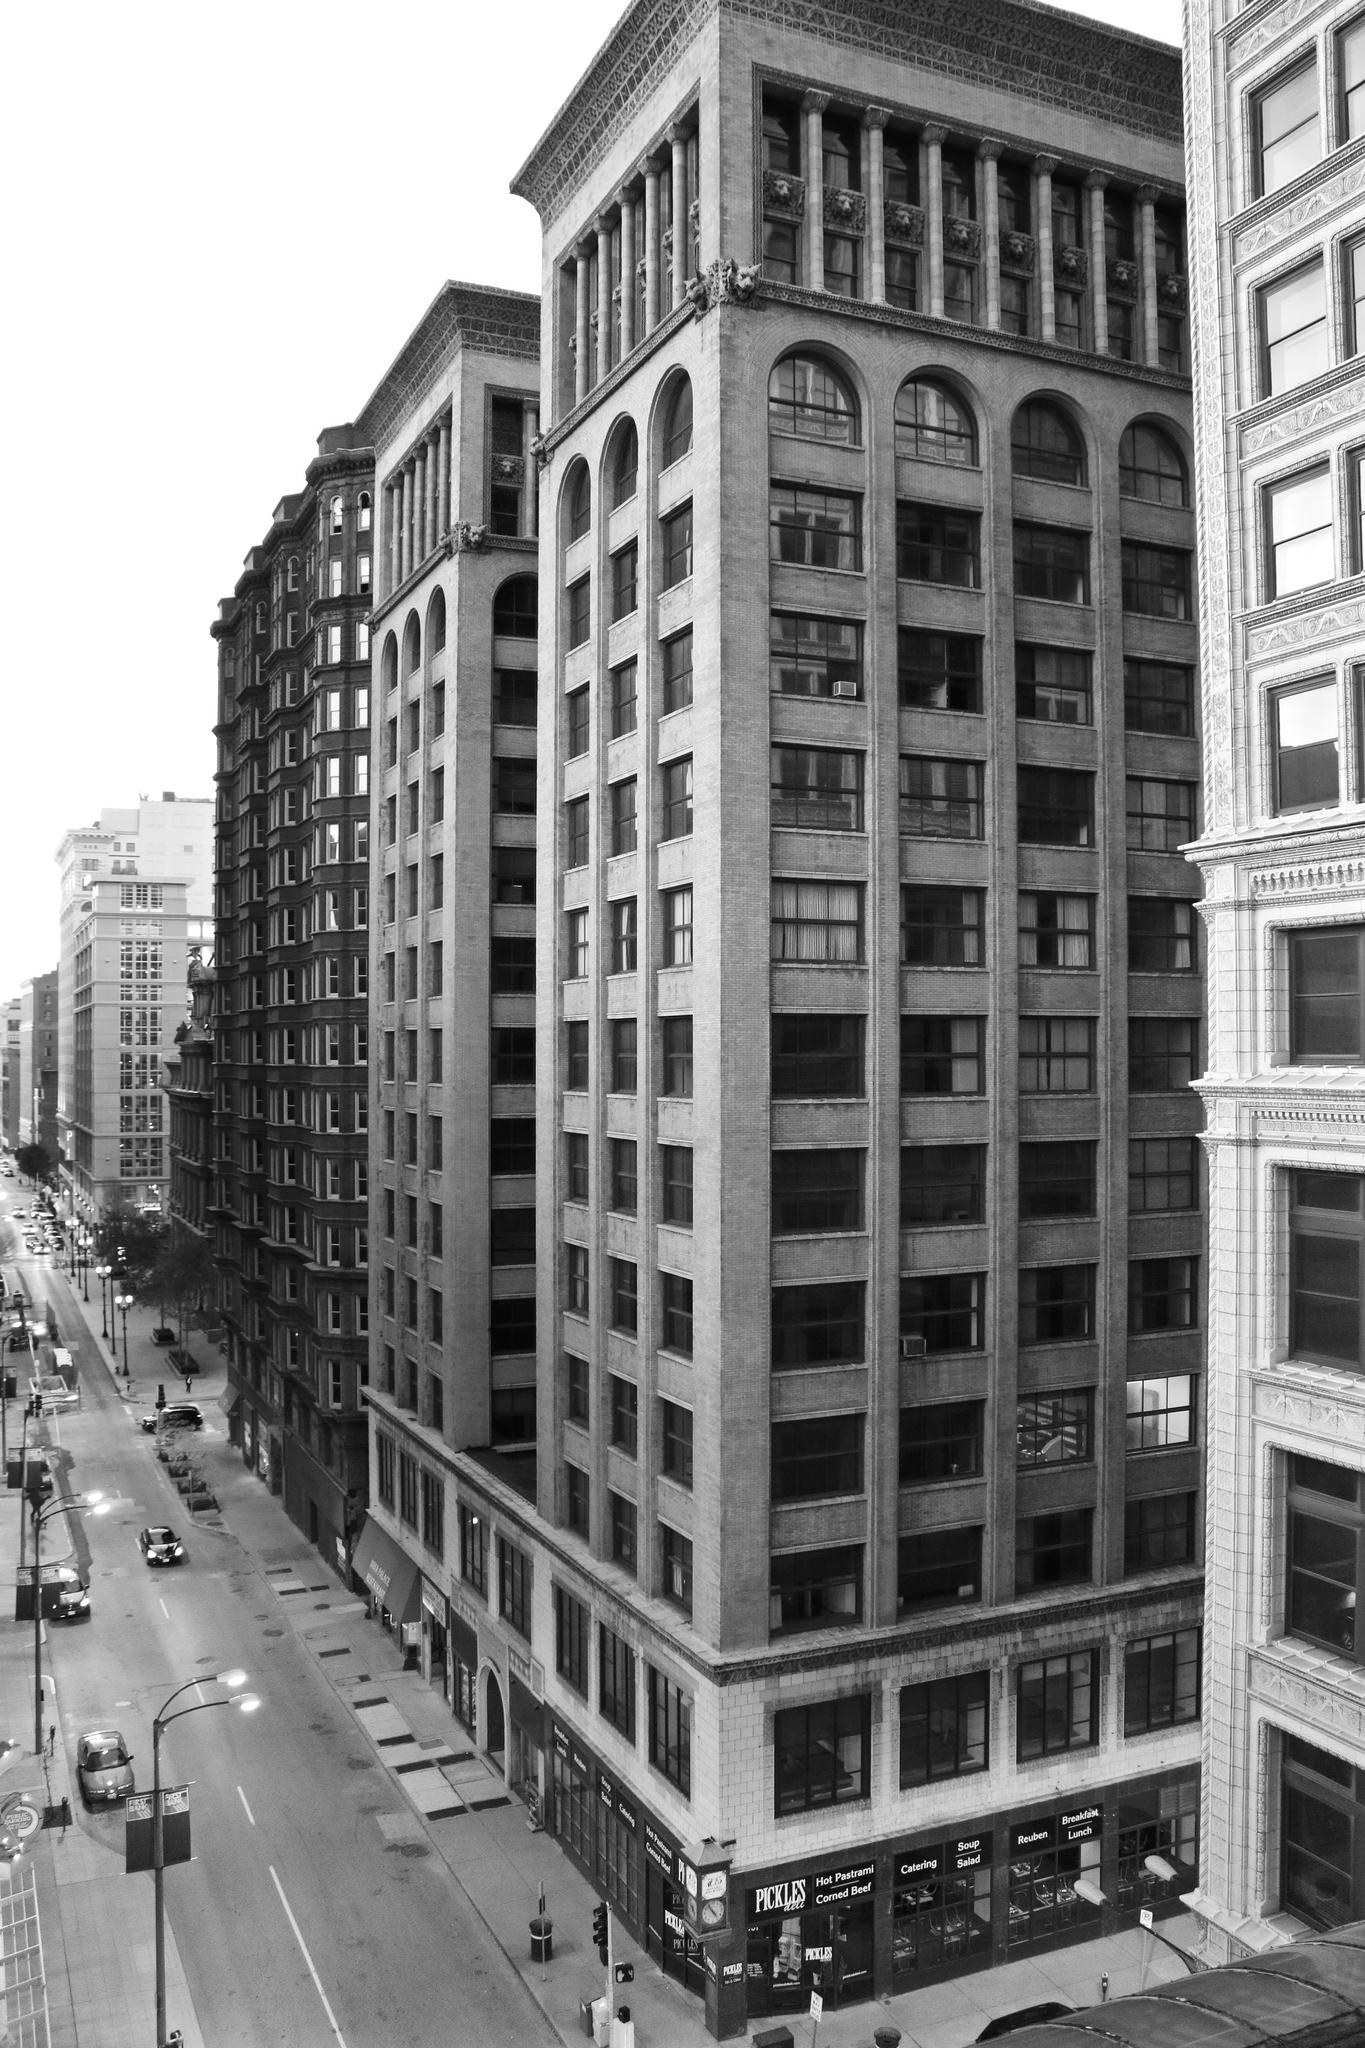 Adler & Sullivan 705 Olive Building to Become Boutique Marriott Hotel